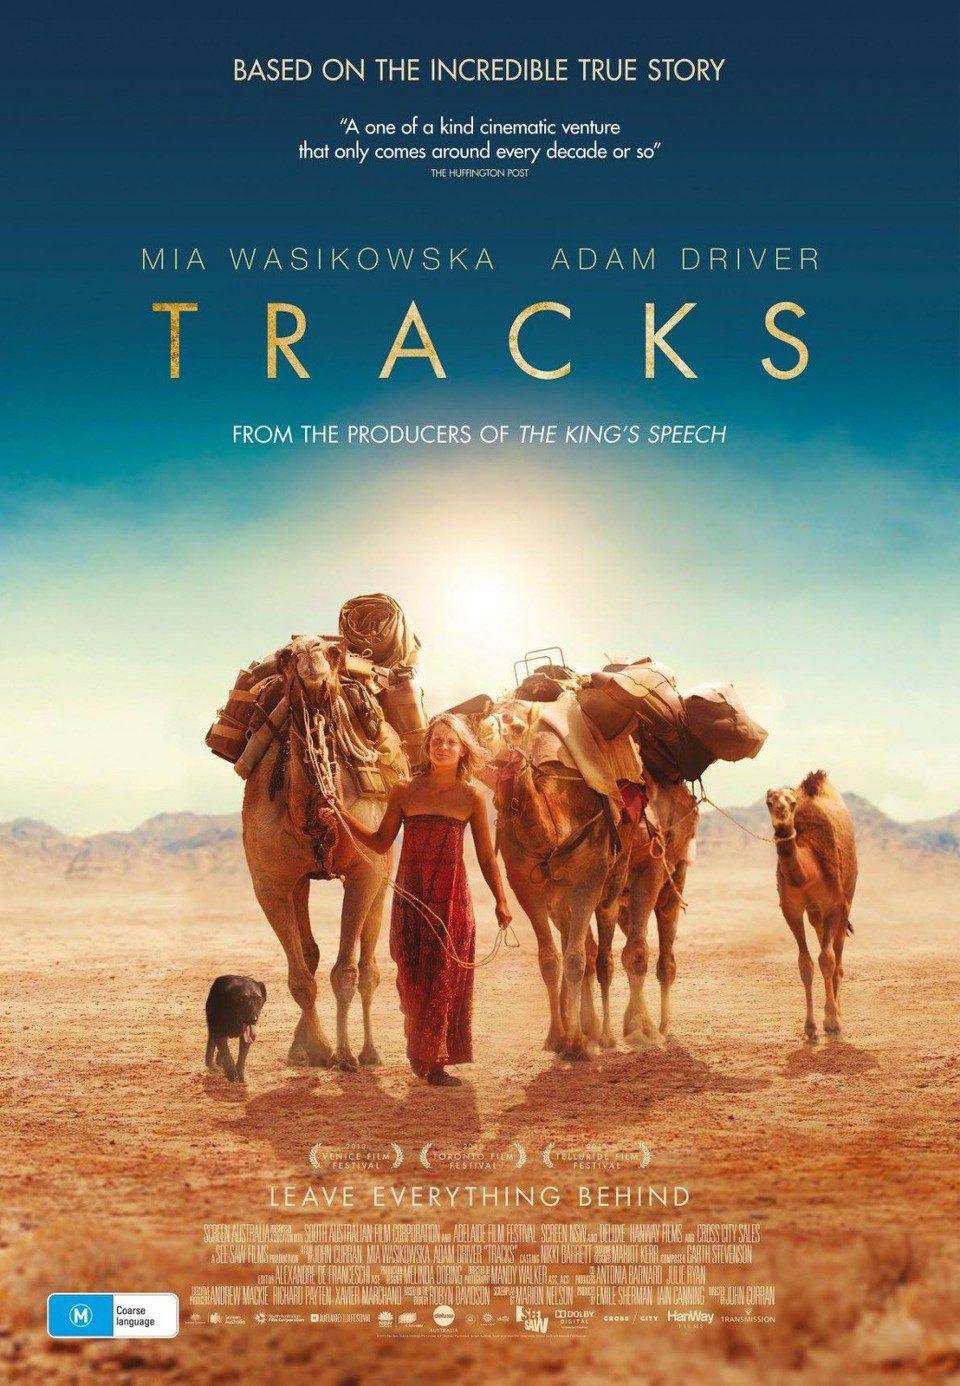 Australia poster for Tracks